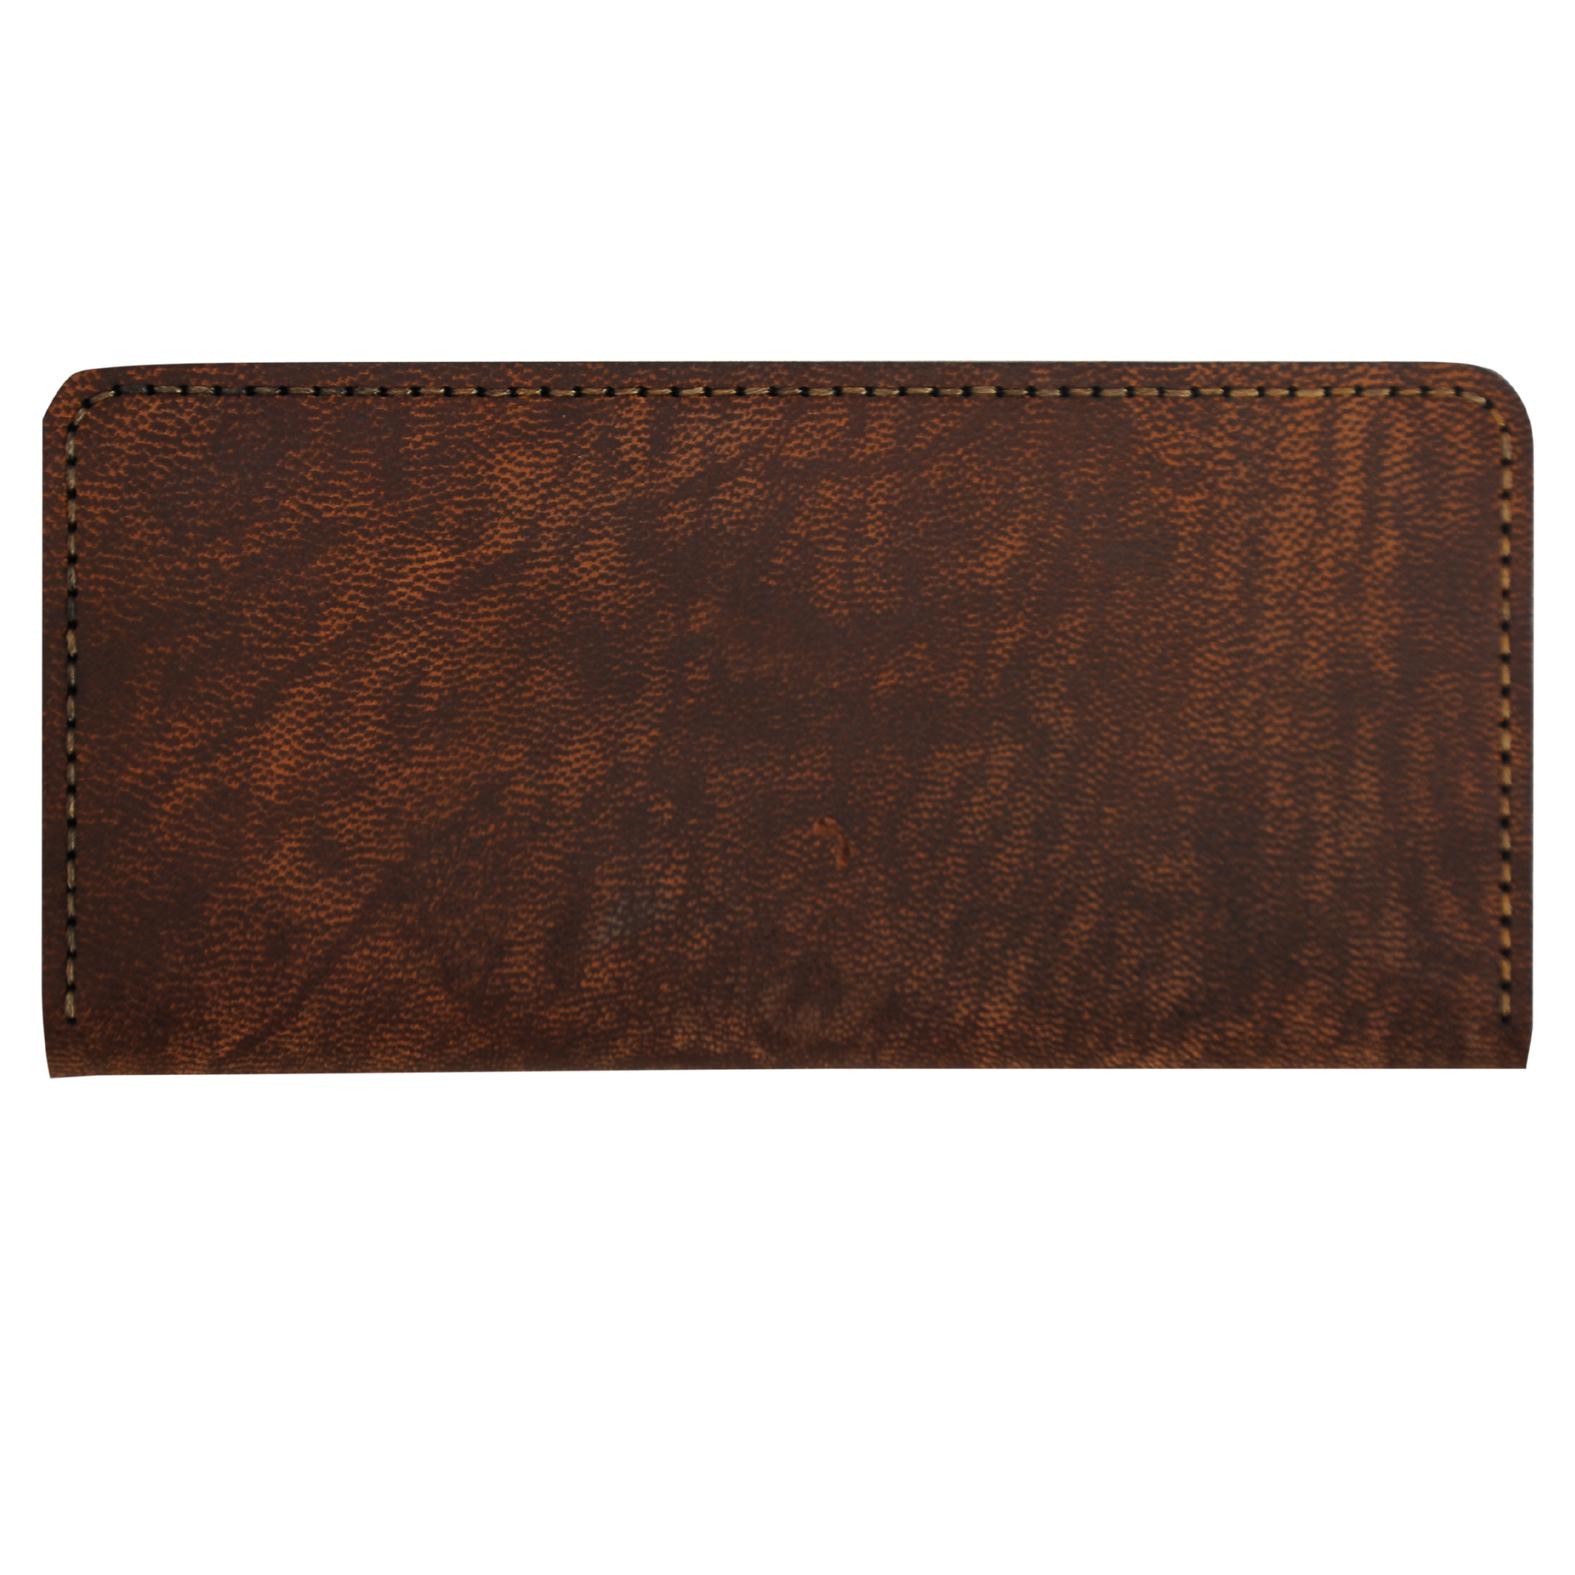 کیف پول چرمی کد 003